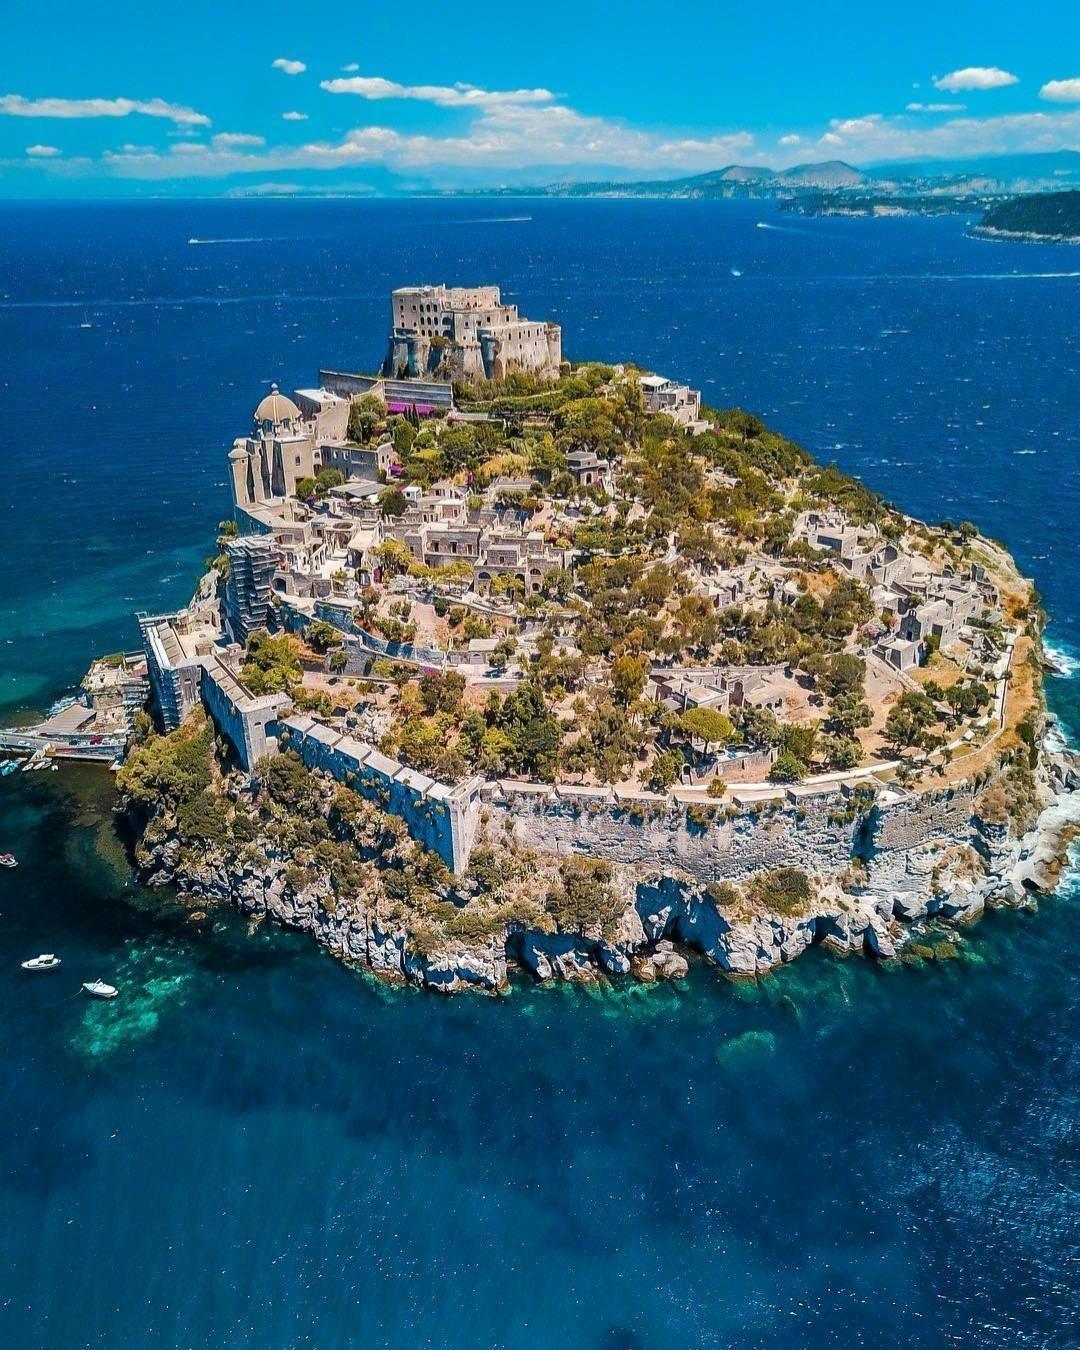 意大利一座绝美的神秘岛屿——伊斯基亚。